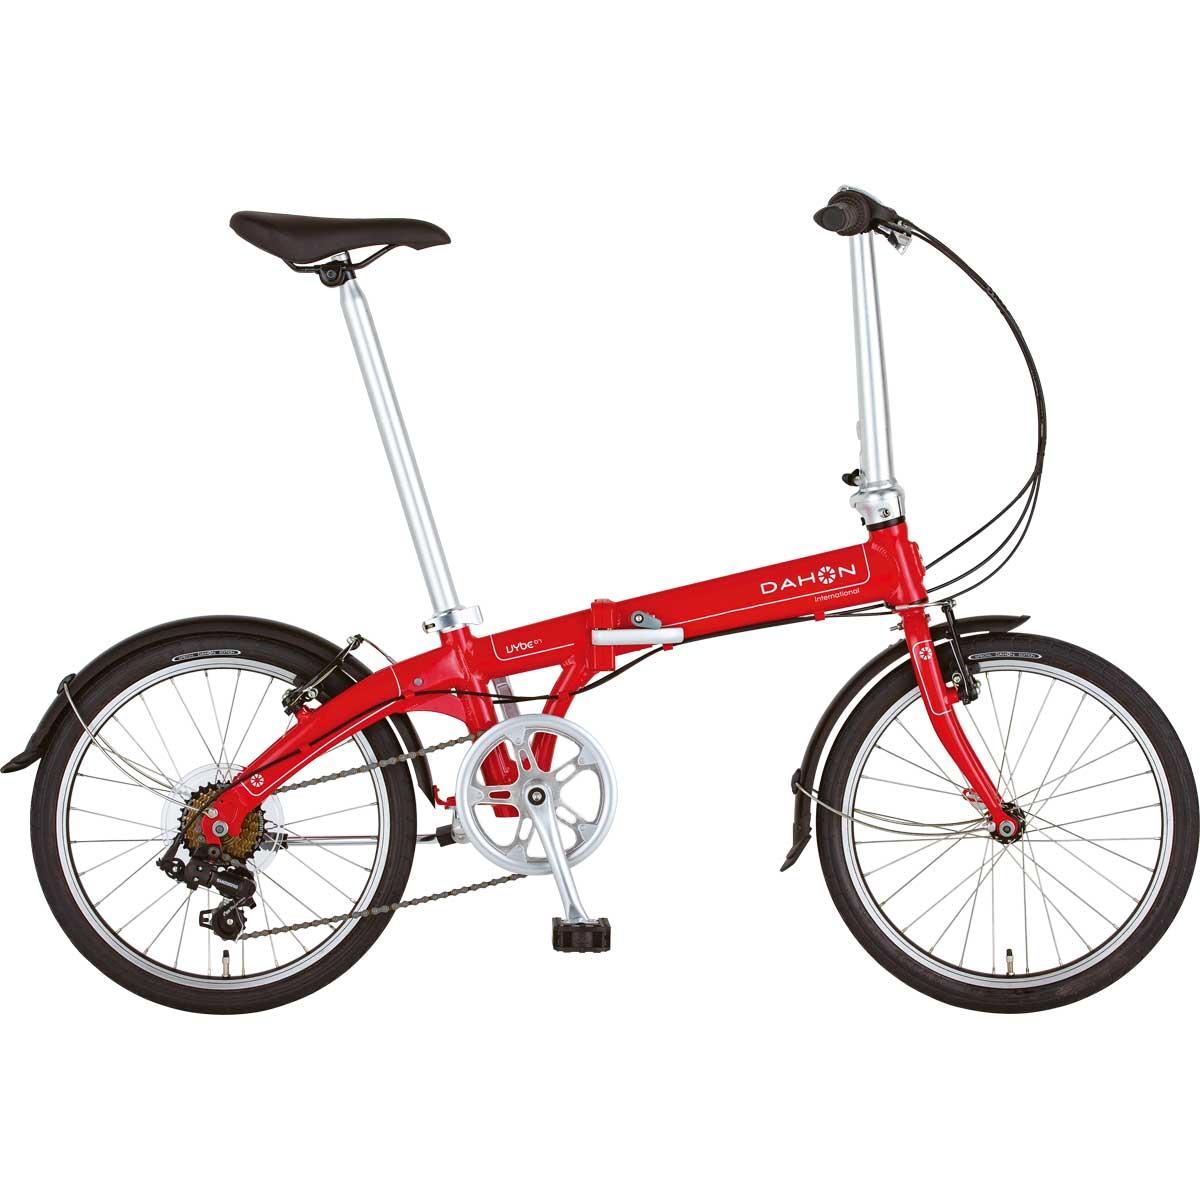 DAHON/ダホン Vybe D7 ヴァイブ D7 カーマインレッド(9006) 折りたたみ自転車 自転車本体